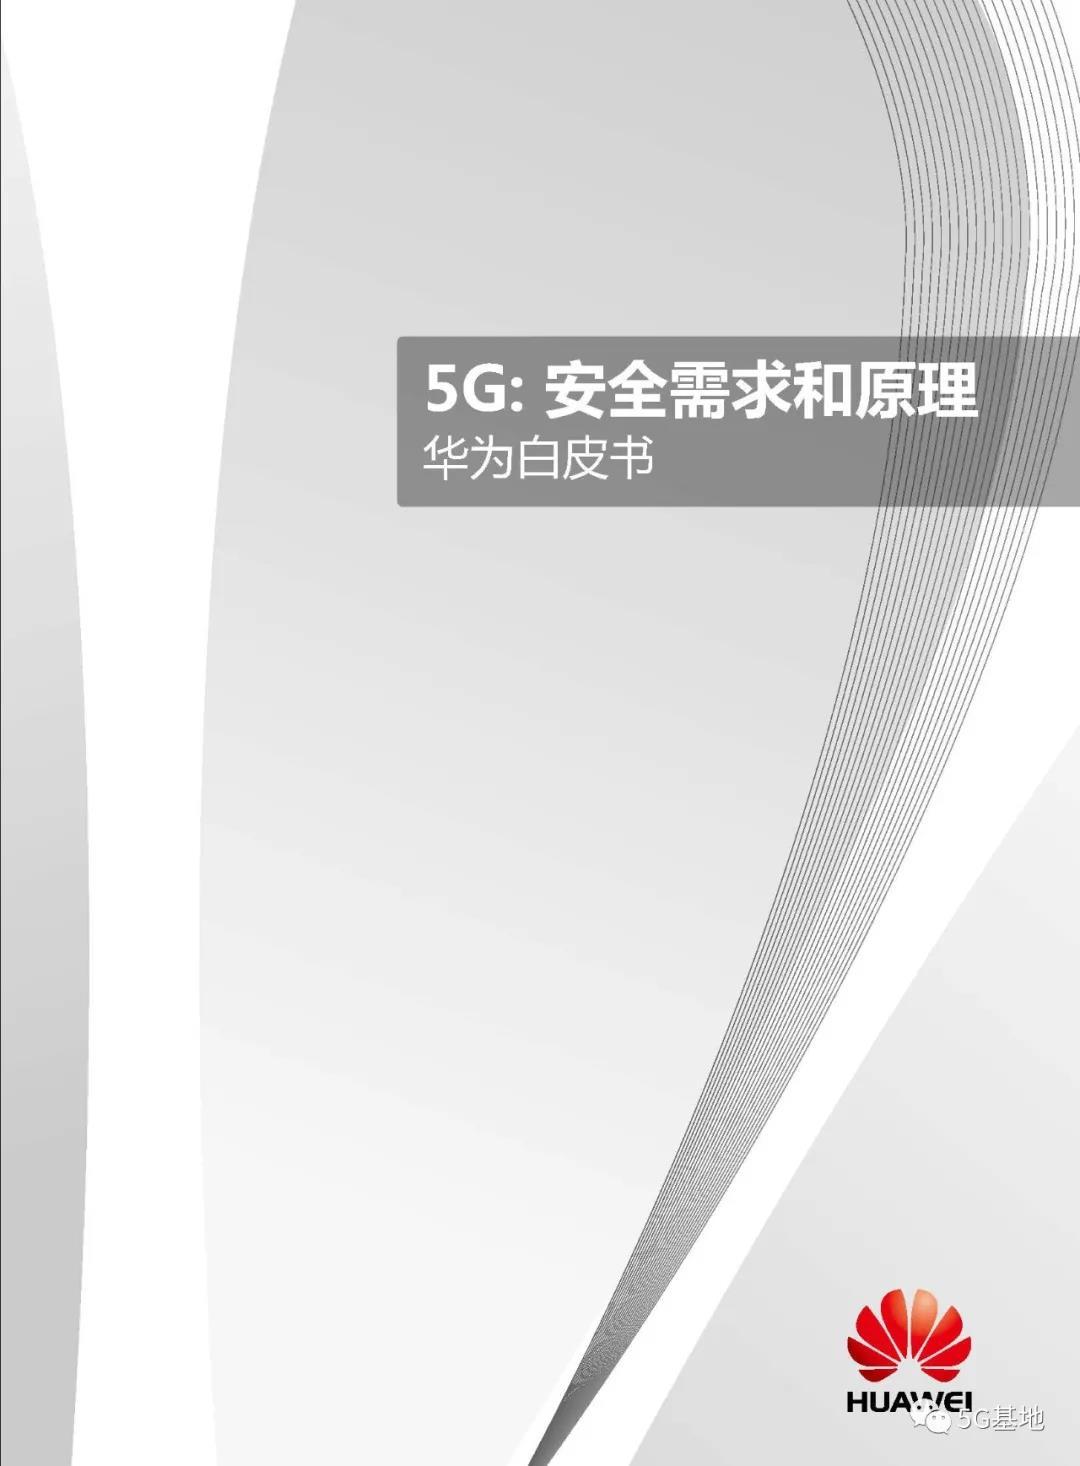 《华为5G安全白皮书》 为5G安全总体构想及其新的挑战指明方向